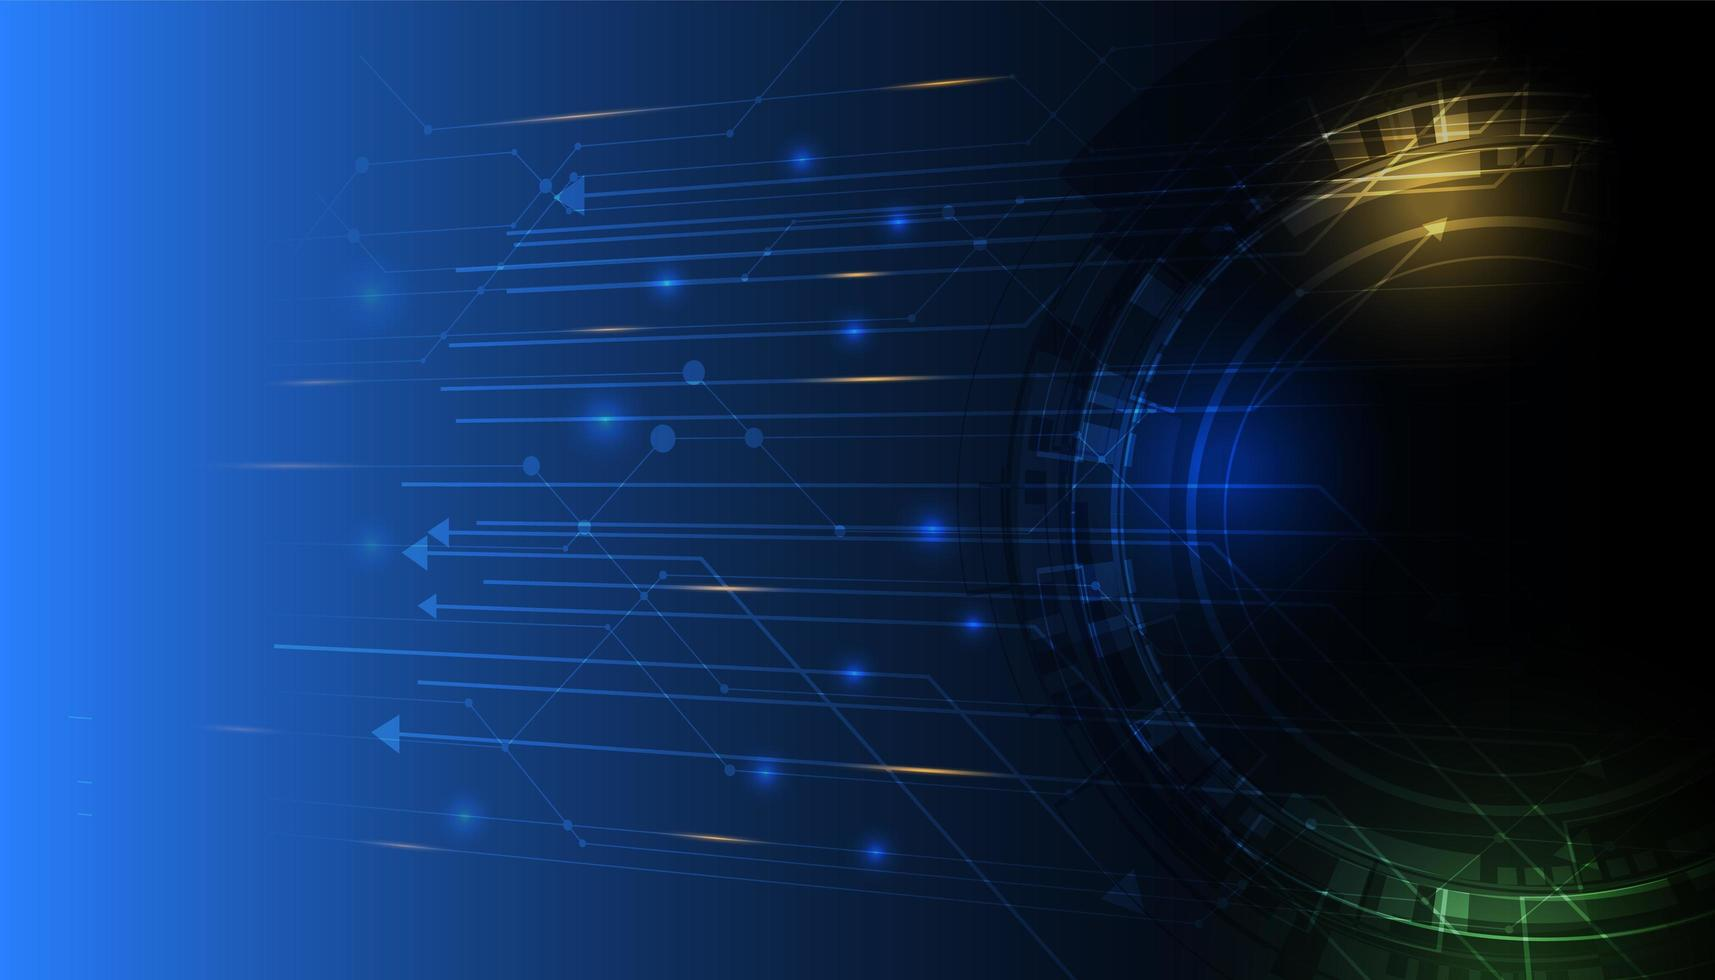 fond de technologie abstraite avec motif de circuit lumineux vecteur